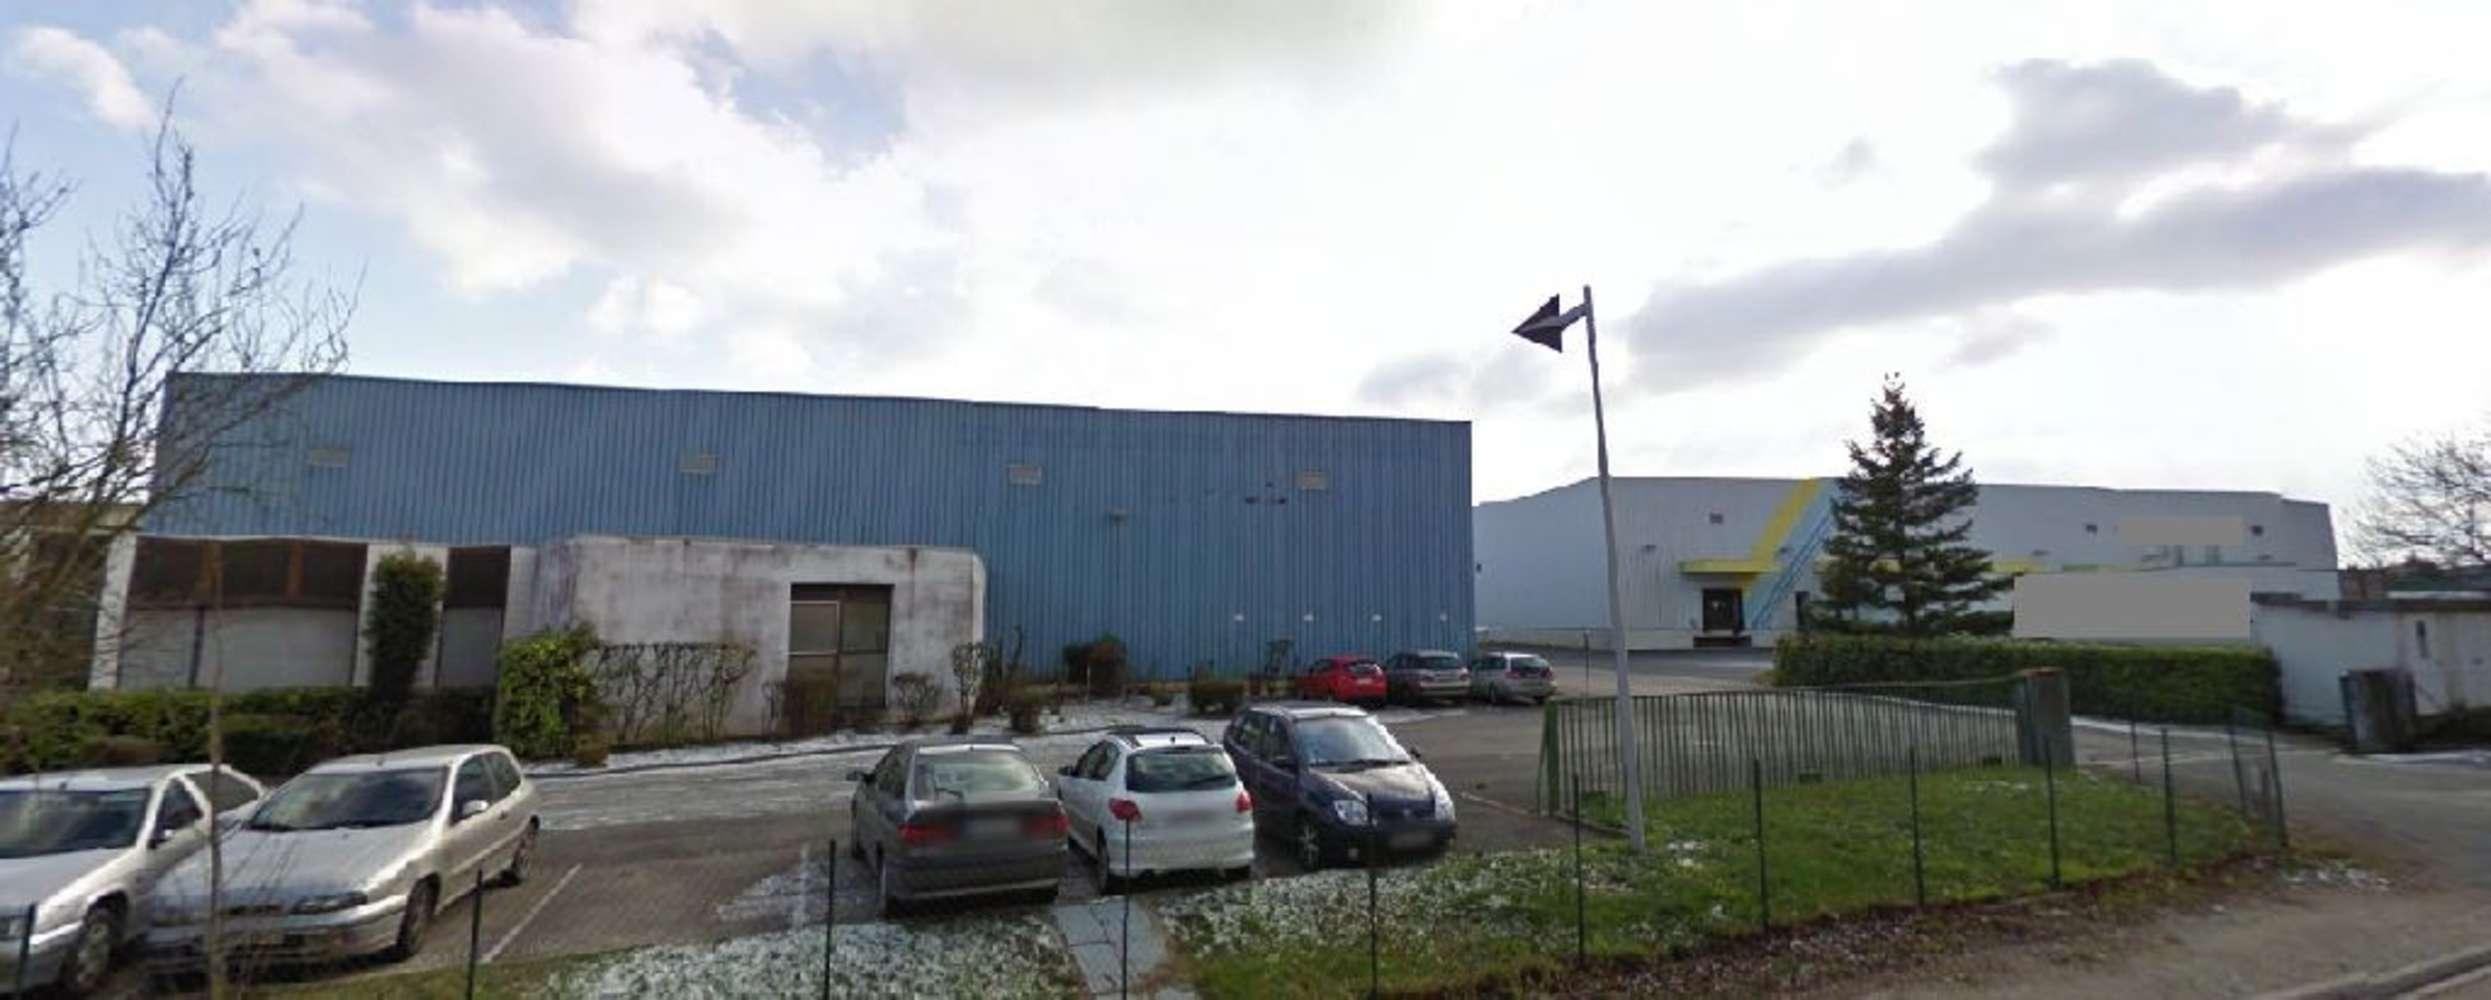 Activités/entrepôt Villars les dombes, 01330 - Location entrepot frigorifique Lyon Nord - 9470570